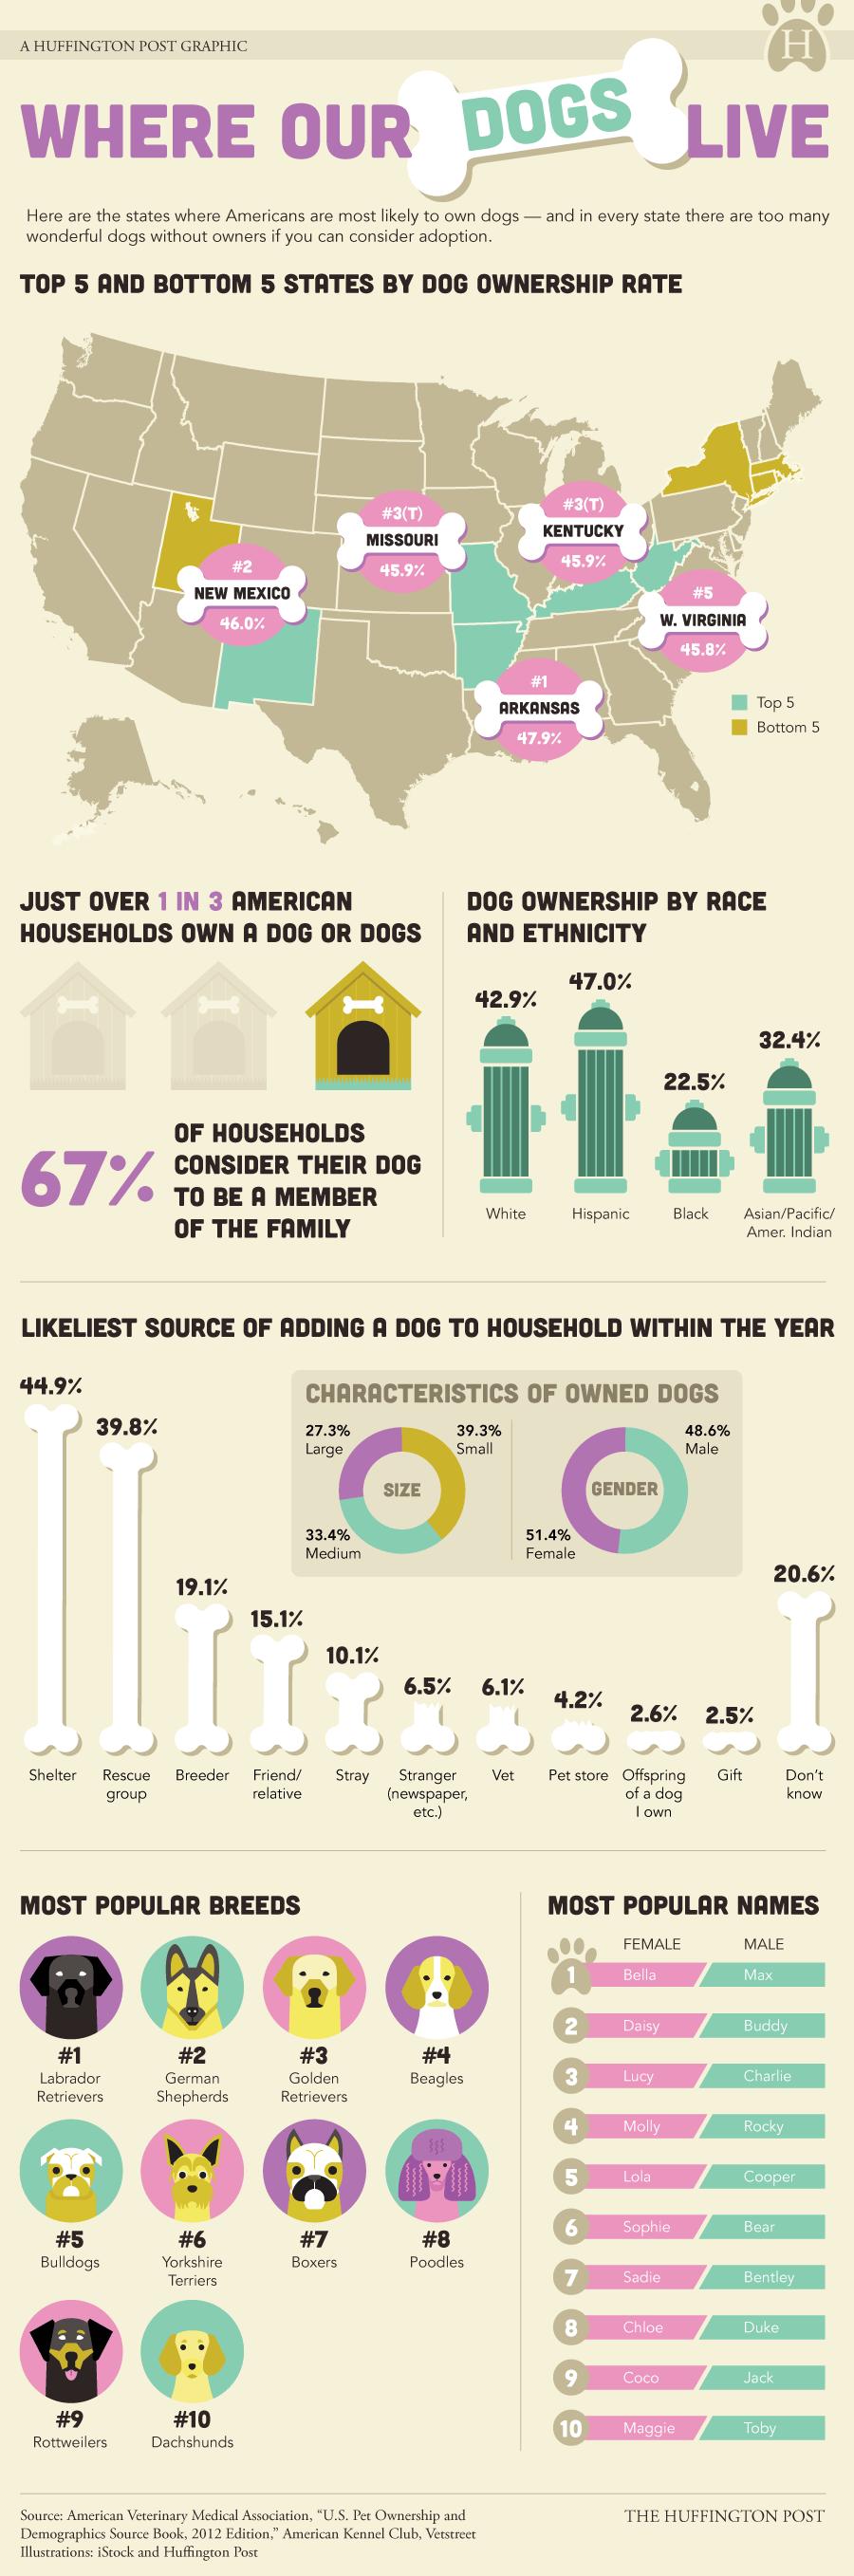 United States Dog Ownership Rates